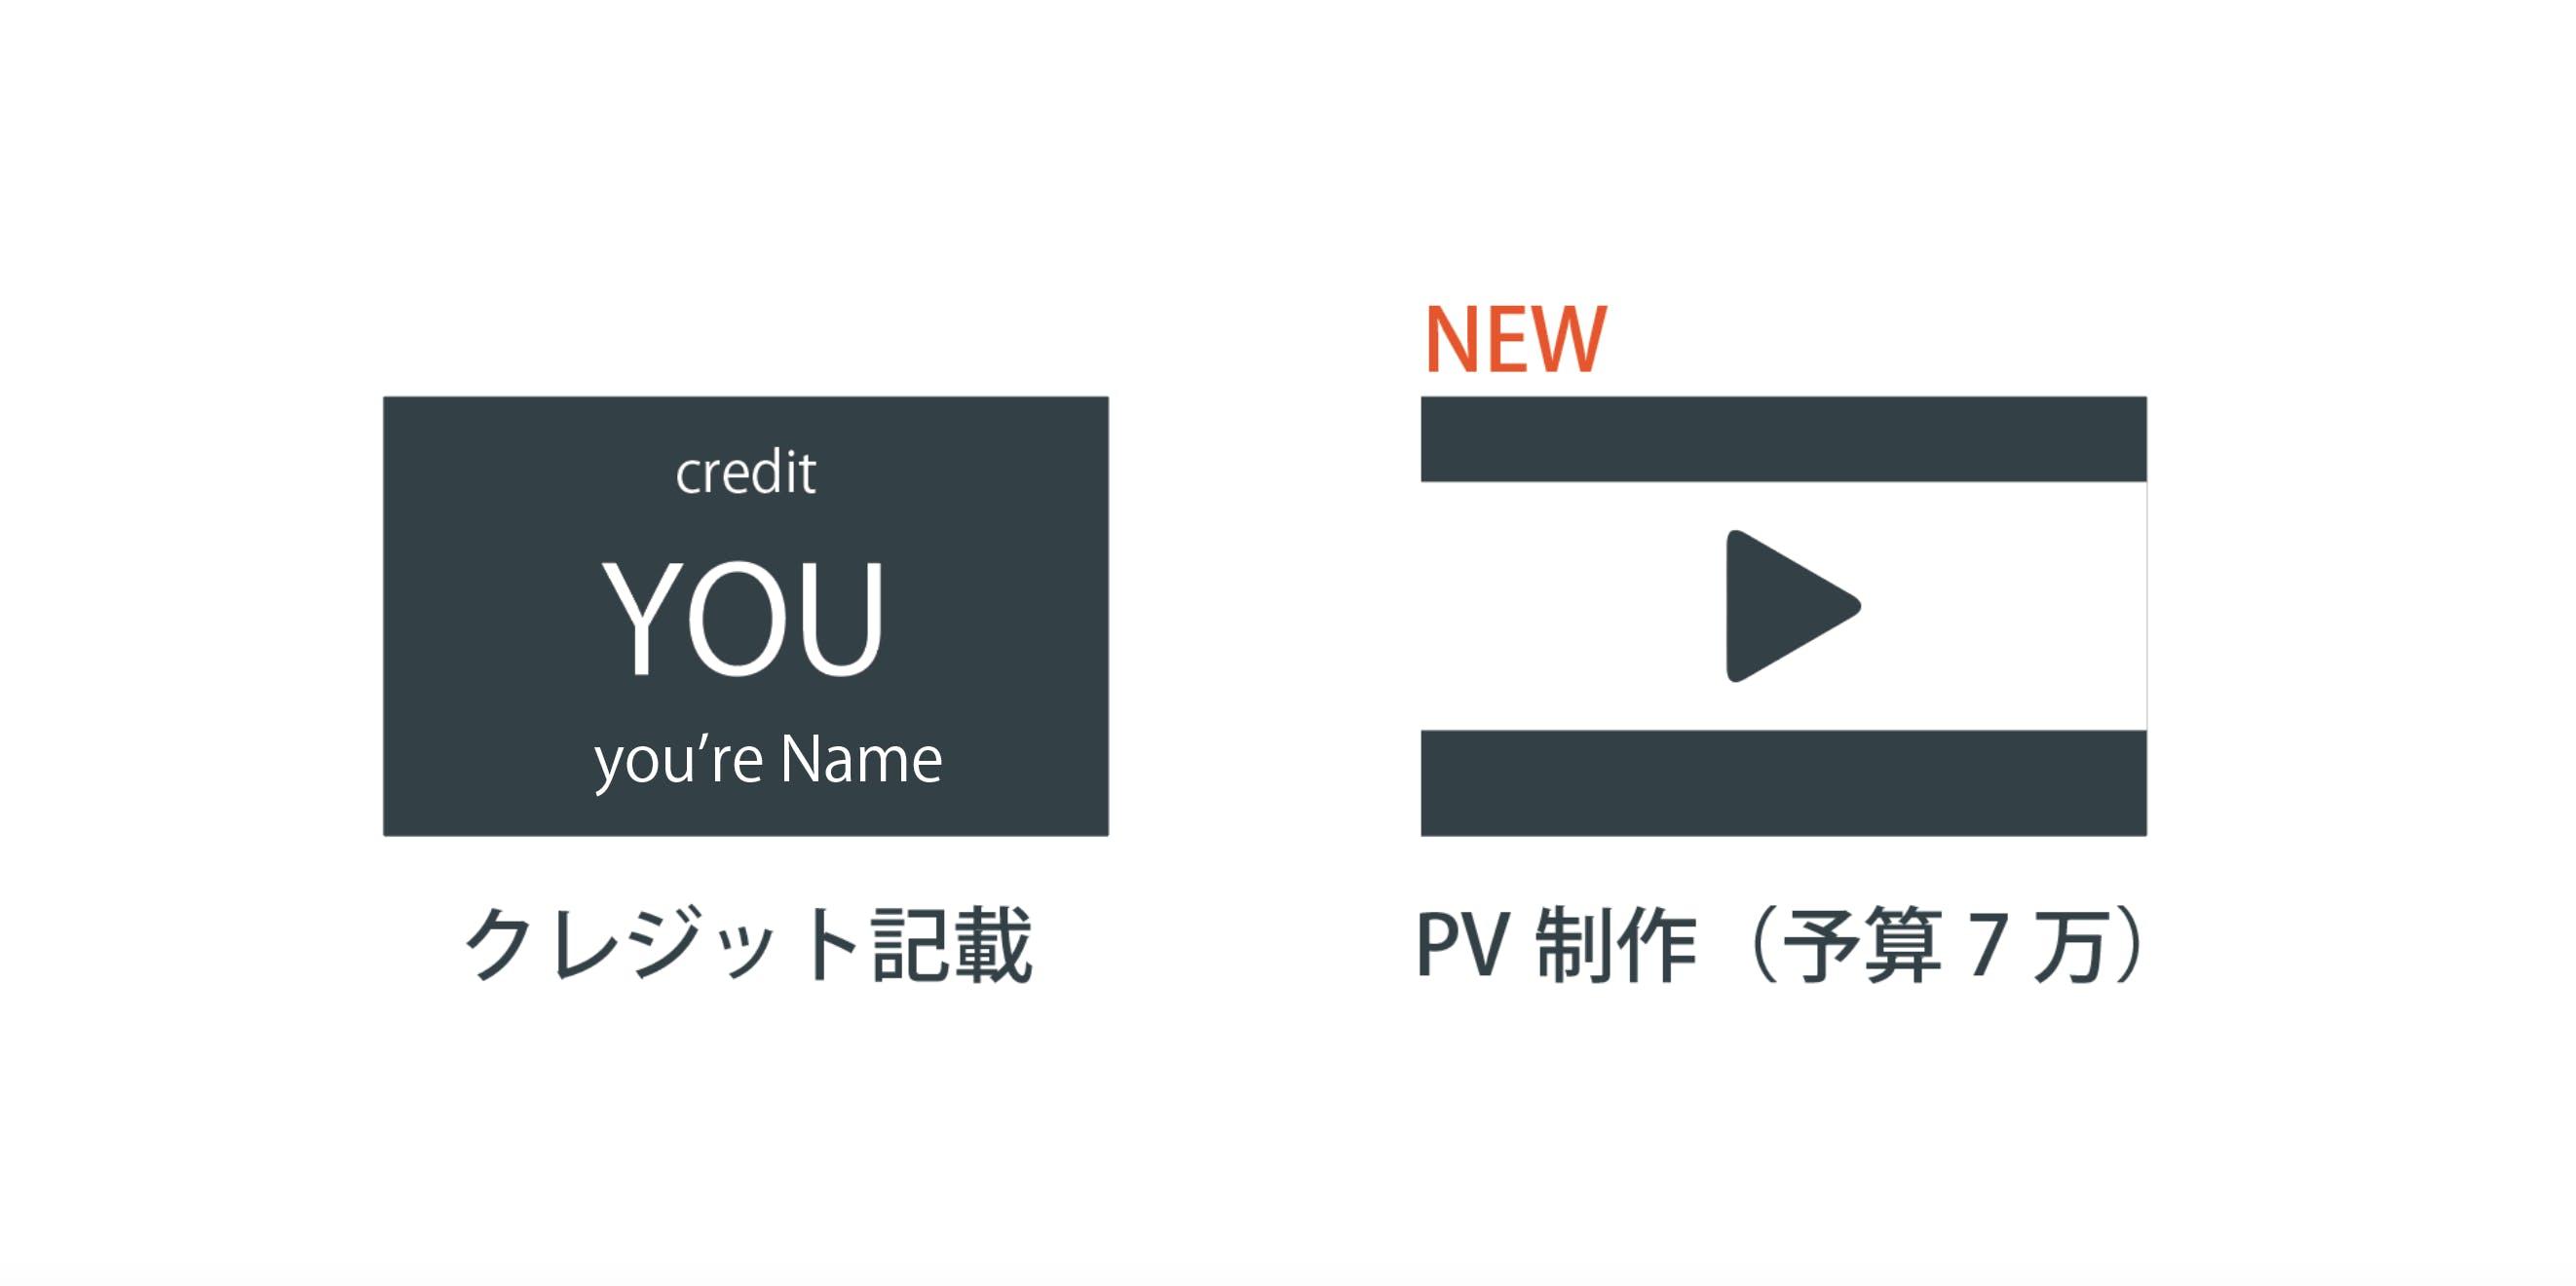 スクリーンショット 2018 09 10 11.55.54